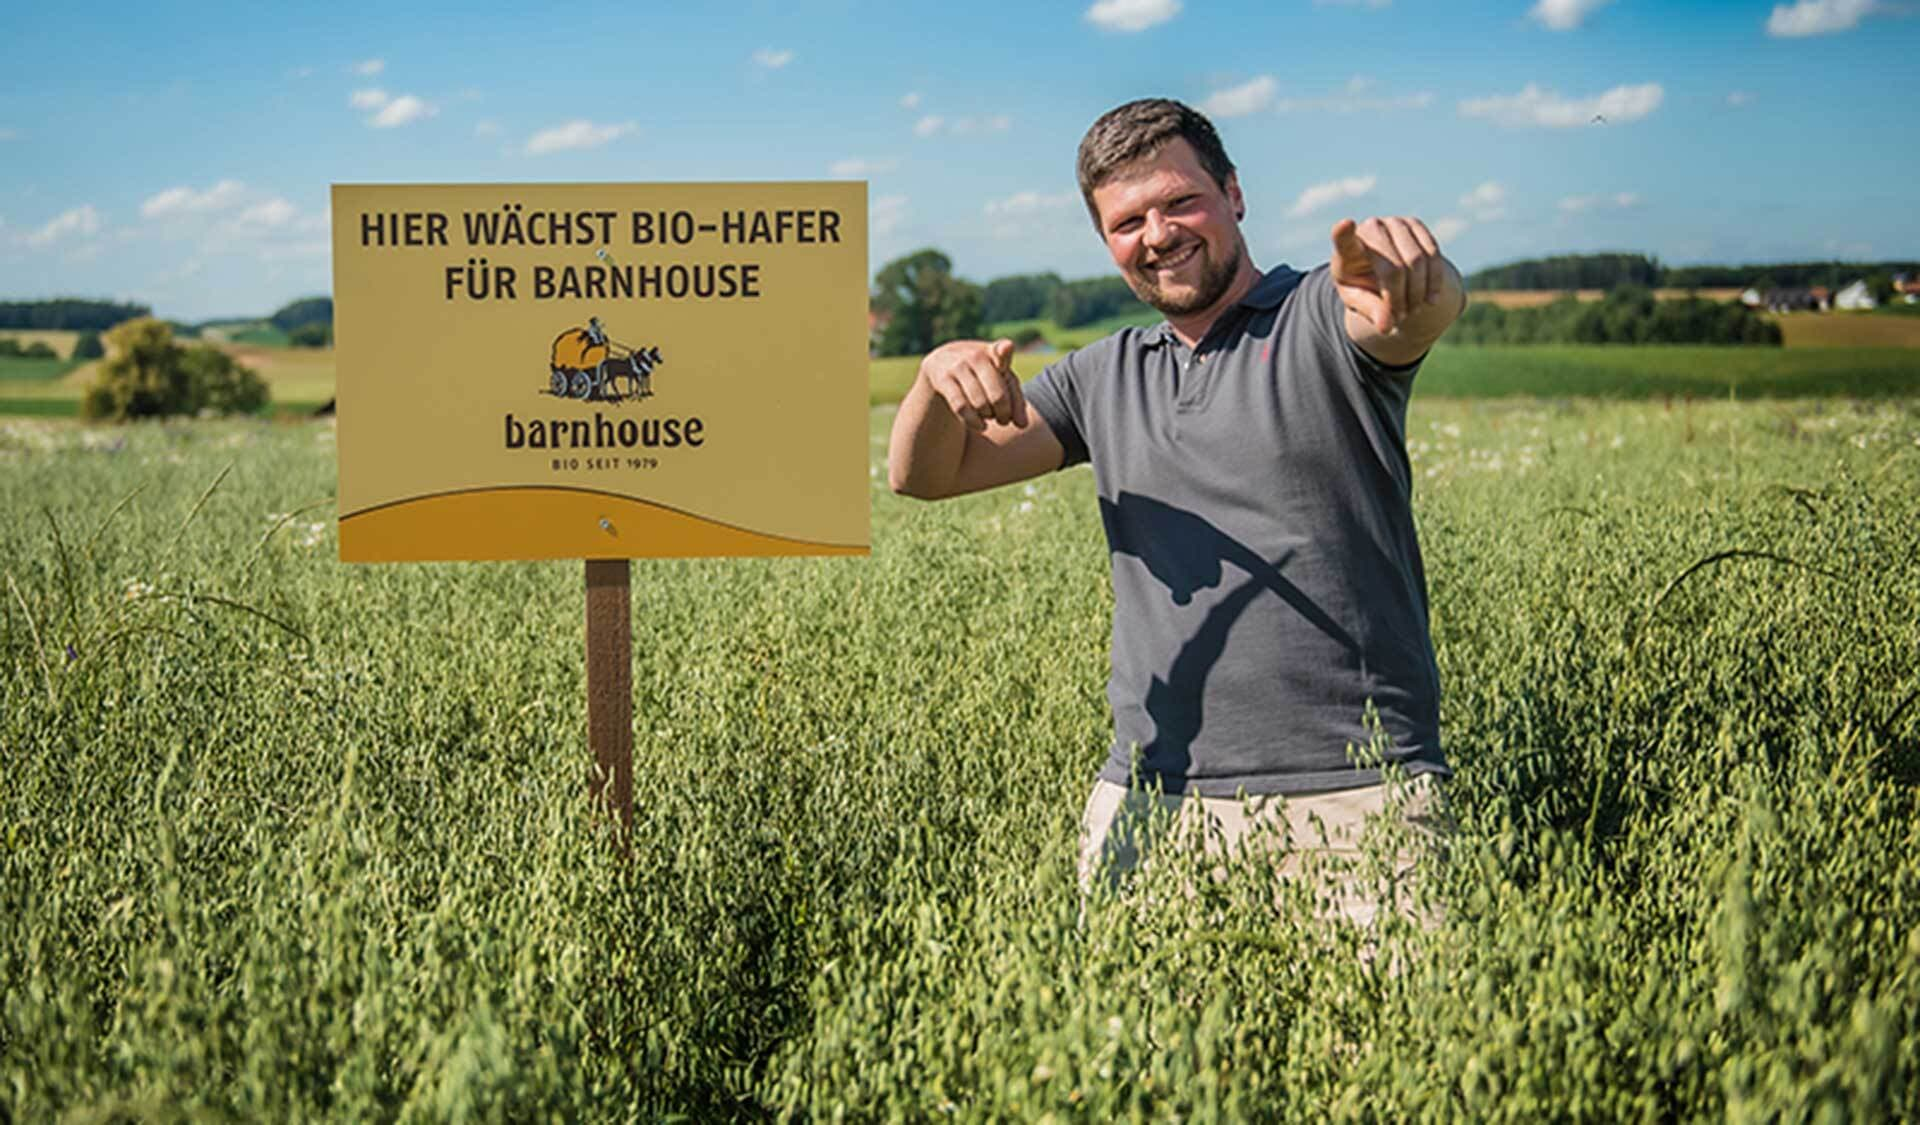 Barnhouse-Bauer Johannes Hobmaier im Feld